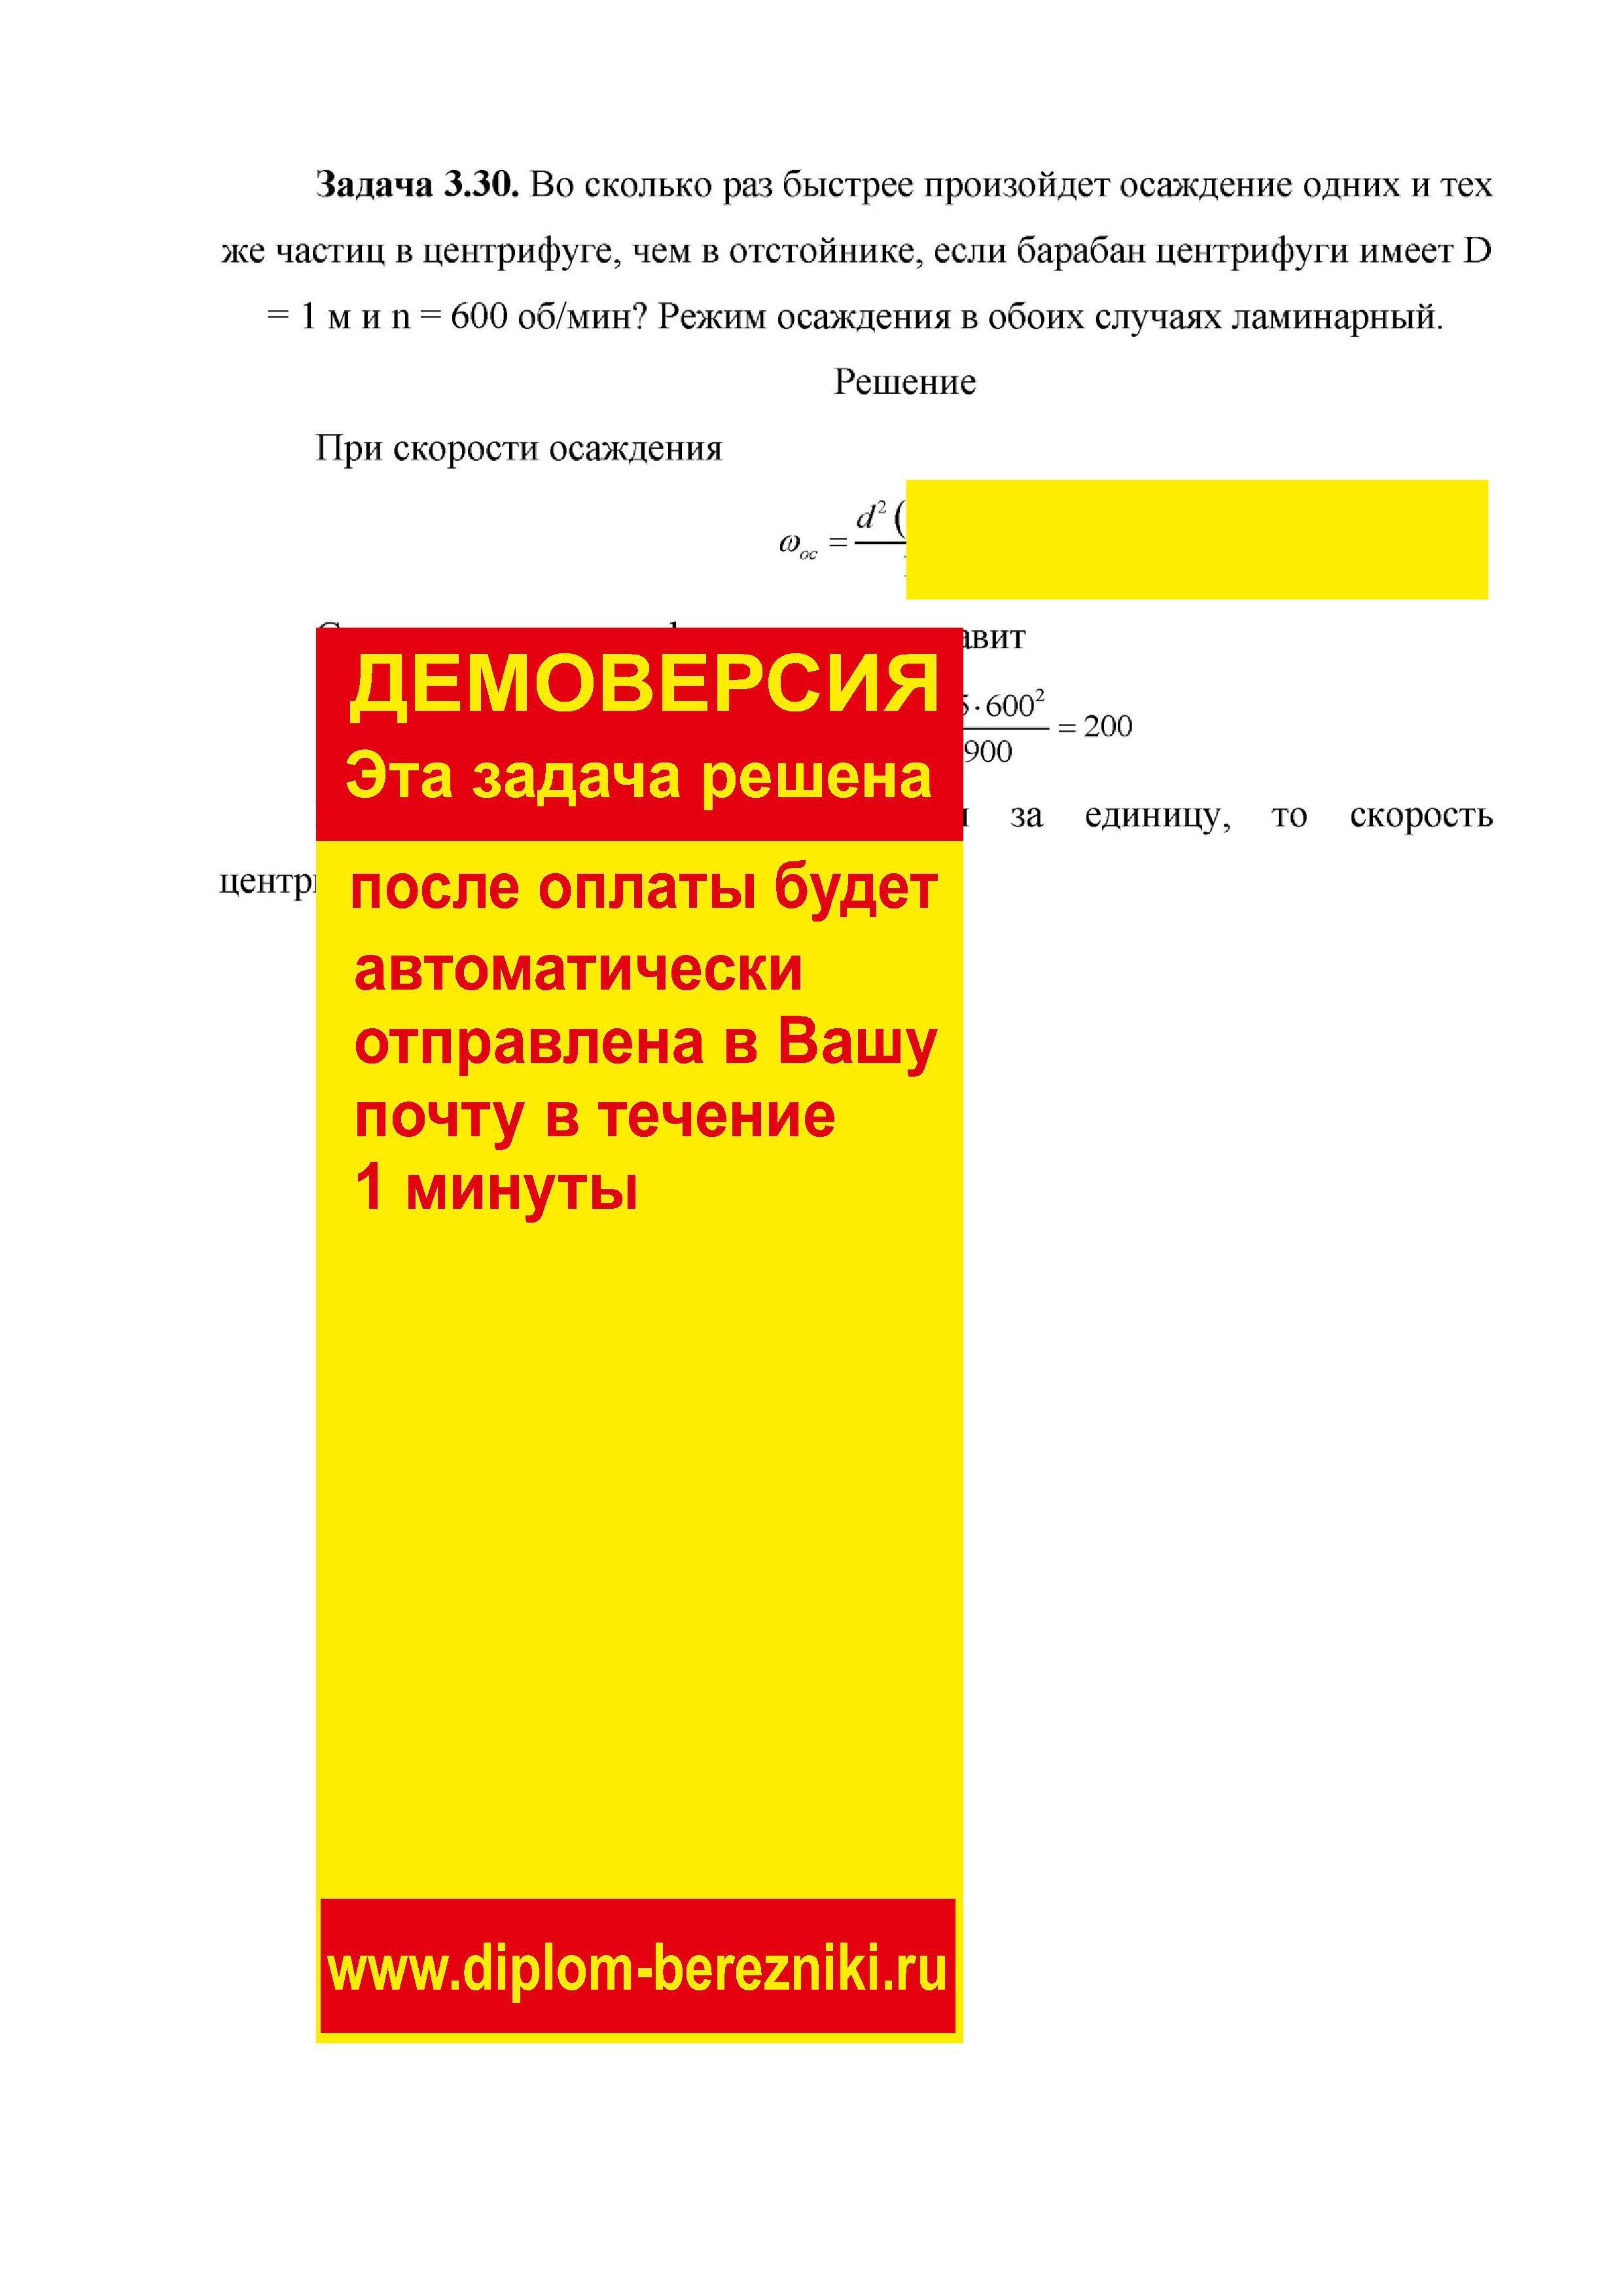 Решение задачи 3.30 по ПАХТ из задачника Павлова Романкова Носкова